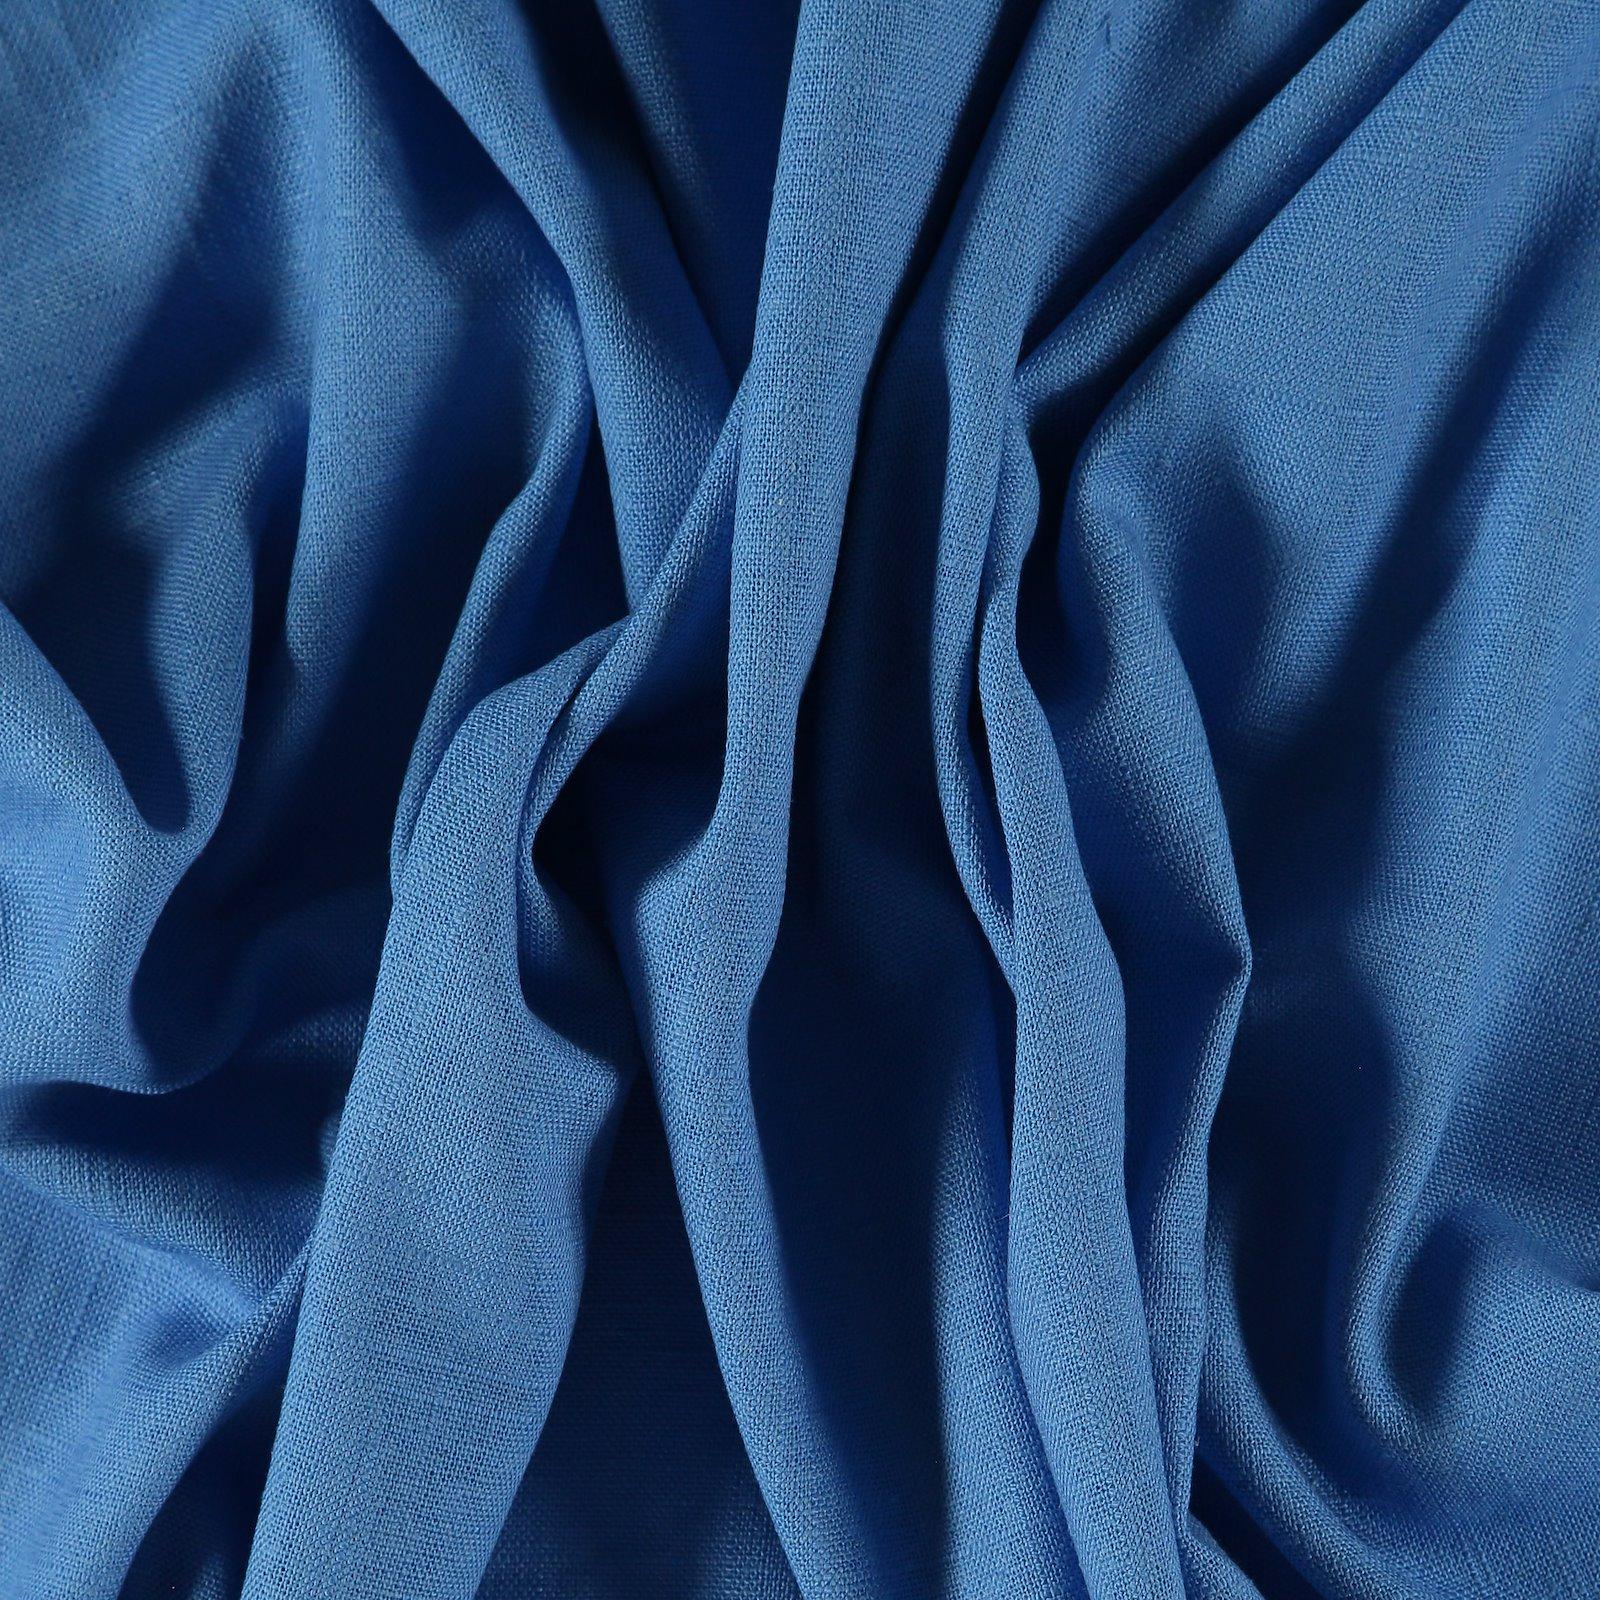 Coarse linen/viscose light cobalt blue 852357_pack